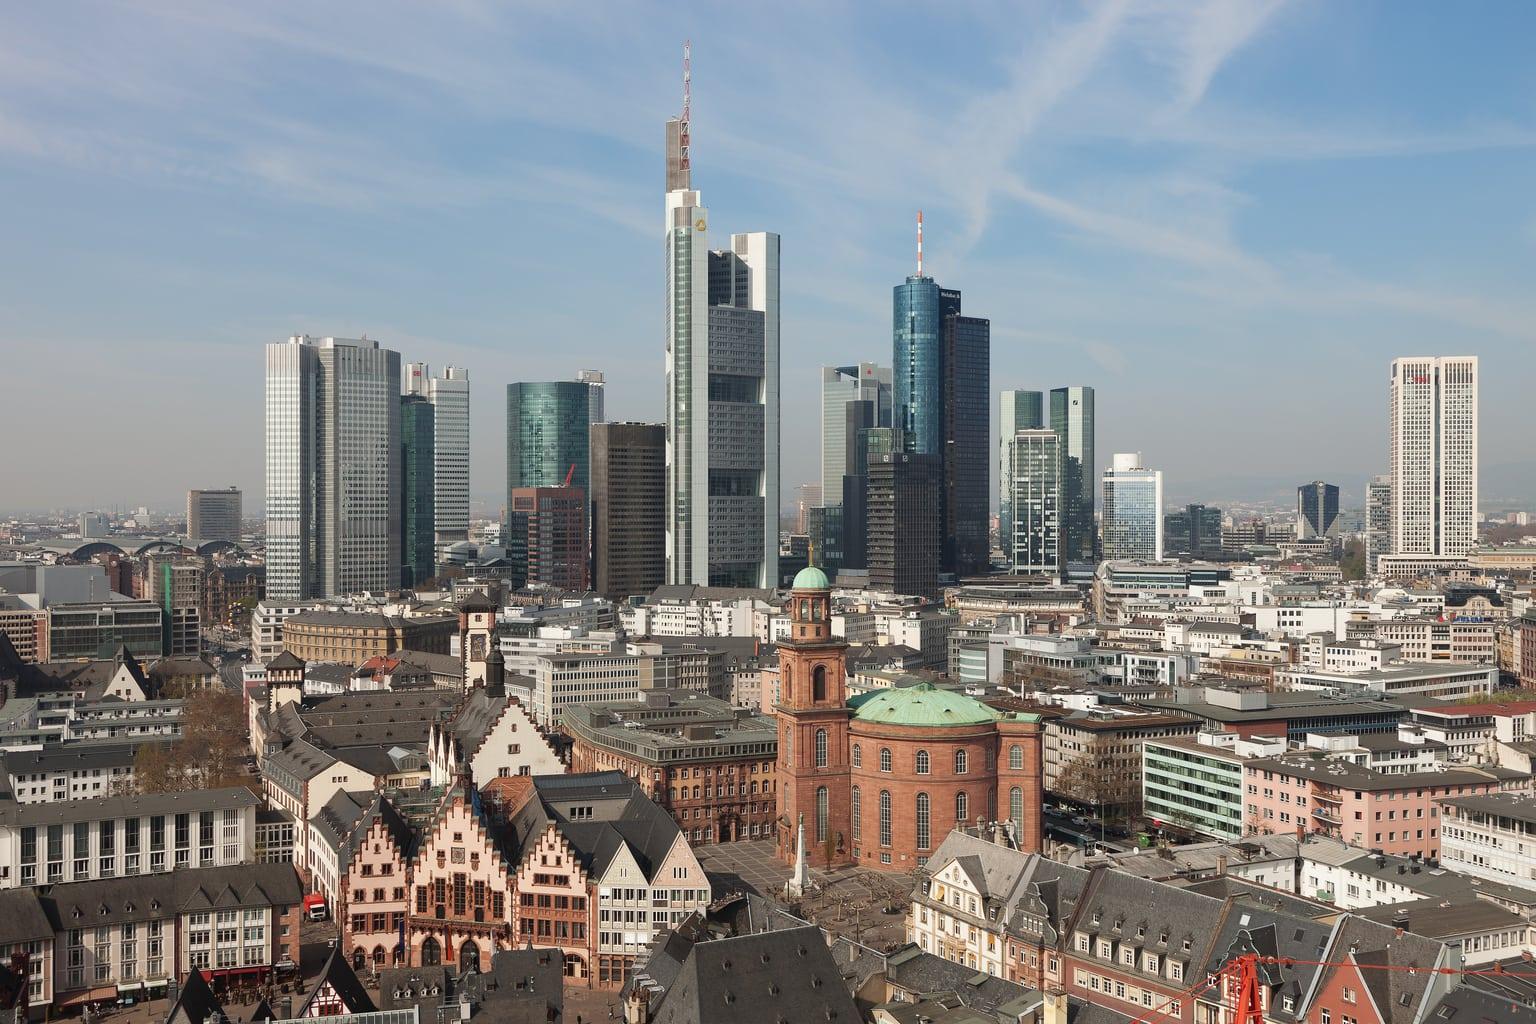 Frankfurter_Altstadt_mit_Skyline_2012-04